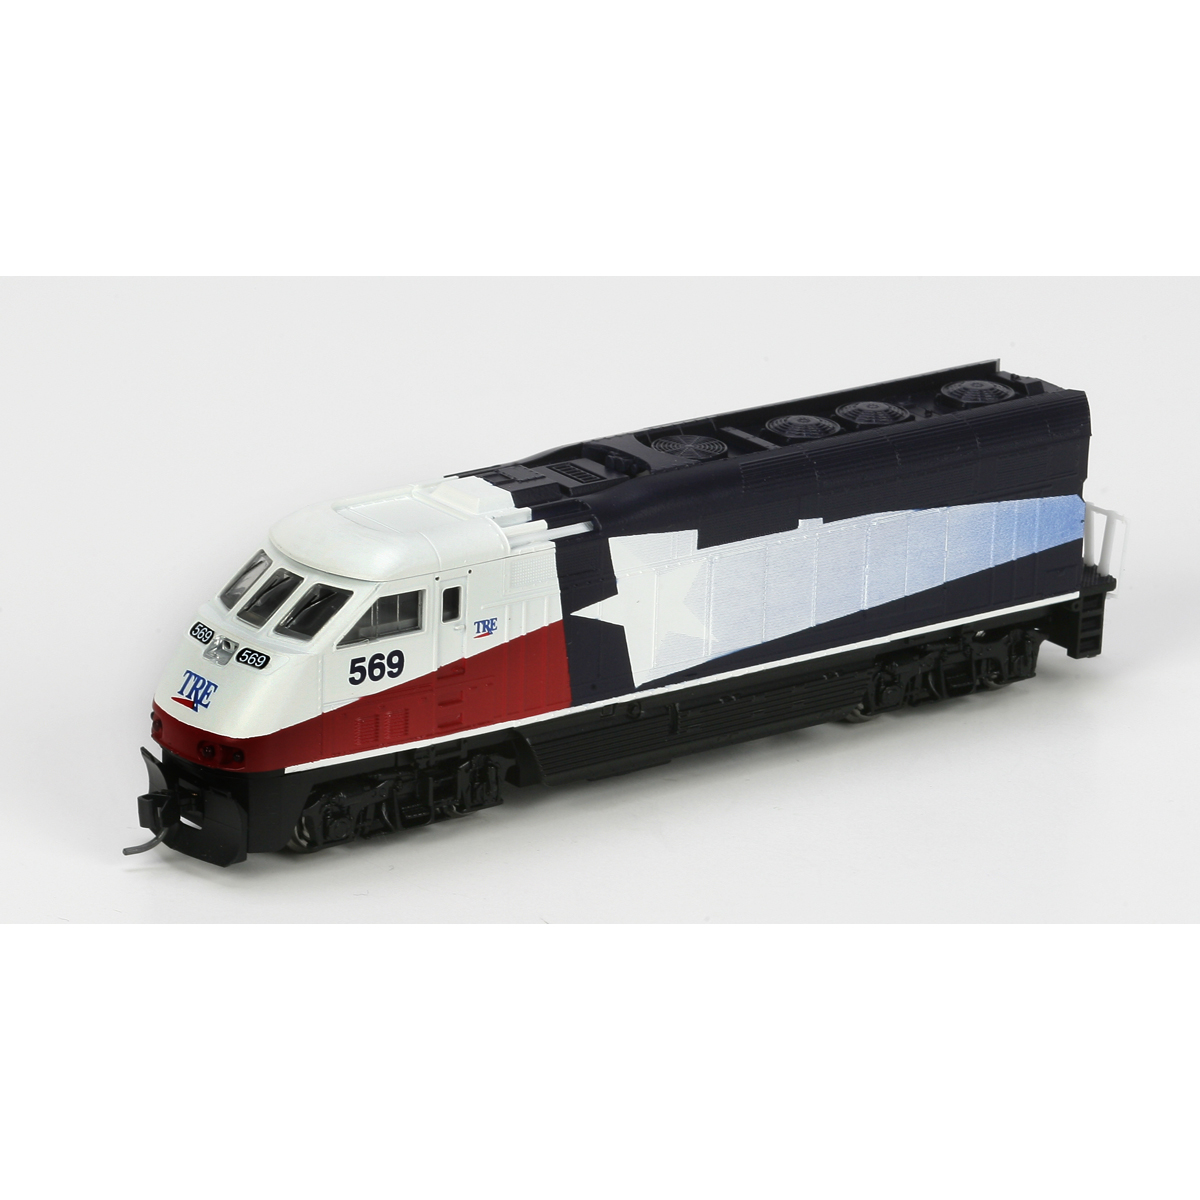 N Scale - Athearn - 10020 - Locomotive, Diesel, EMD F59PHi - Trinity Rail Express - 569